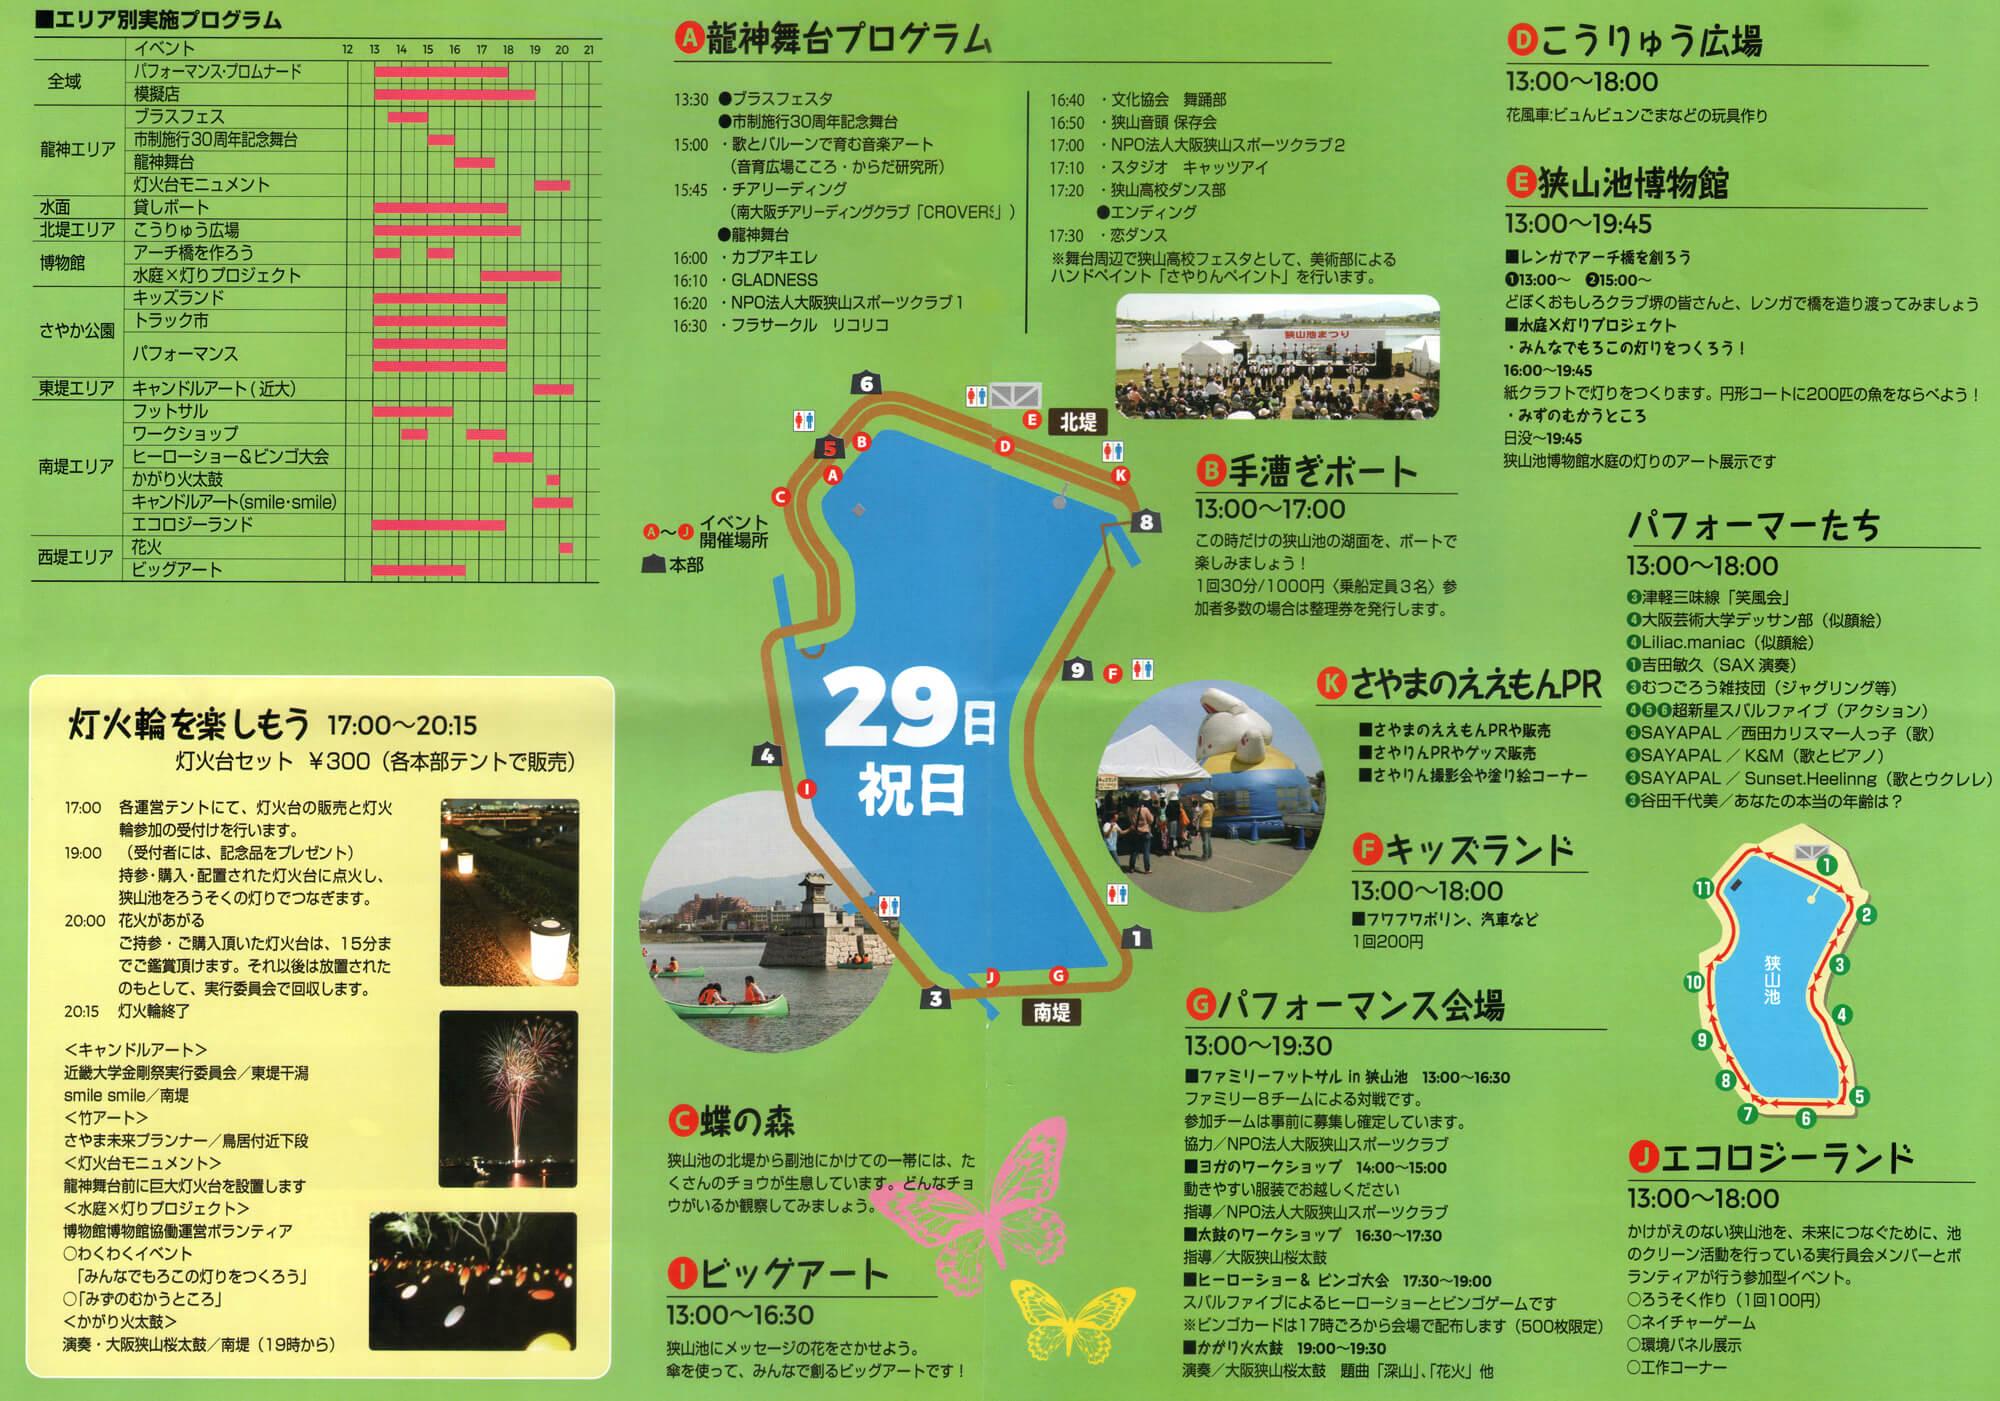 狭山池まつり2017 29日(祝)